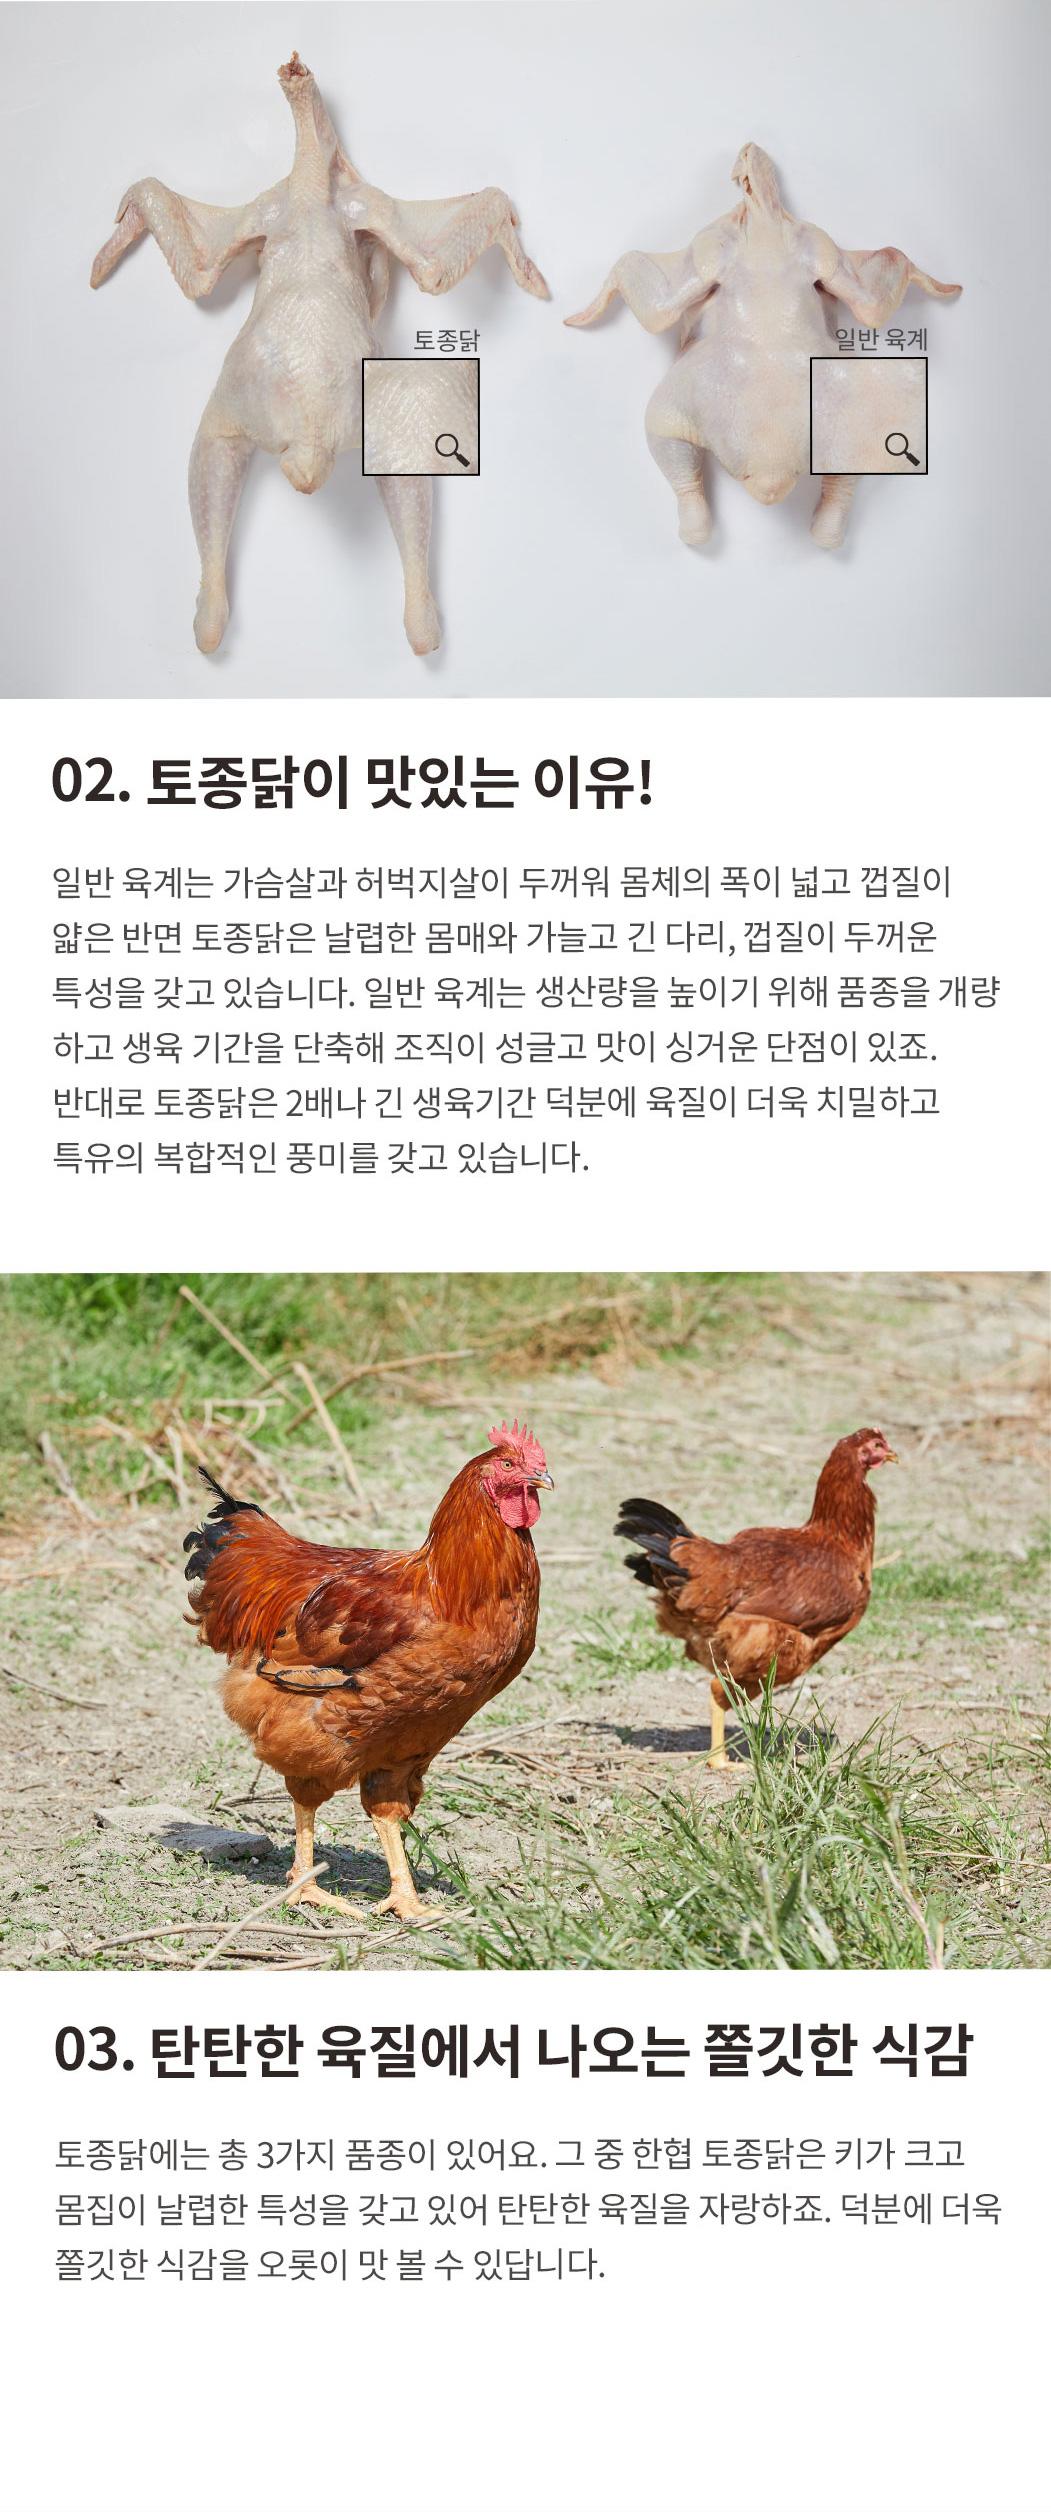 0712_설성목장_한협토종닭스테이크_상세_05.jpg